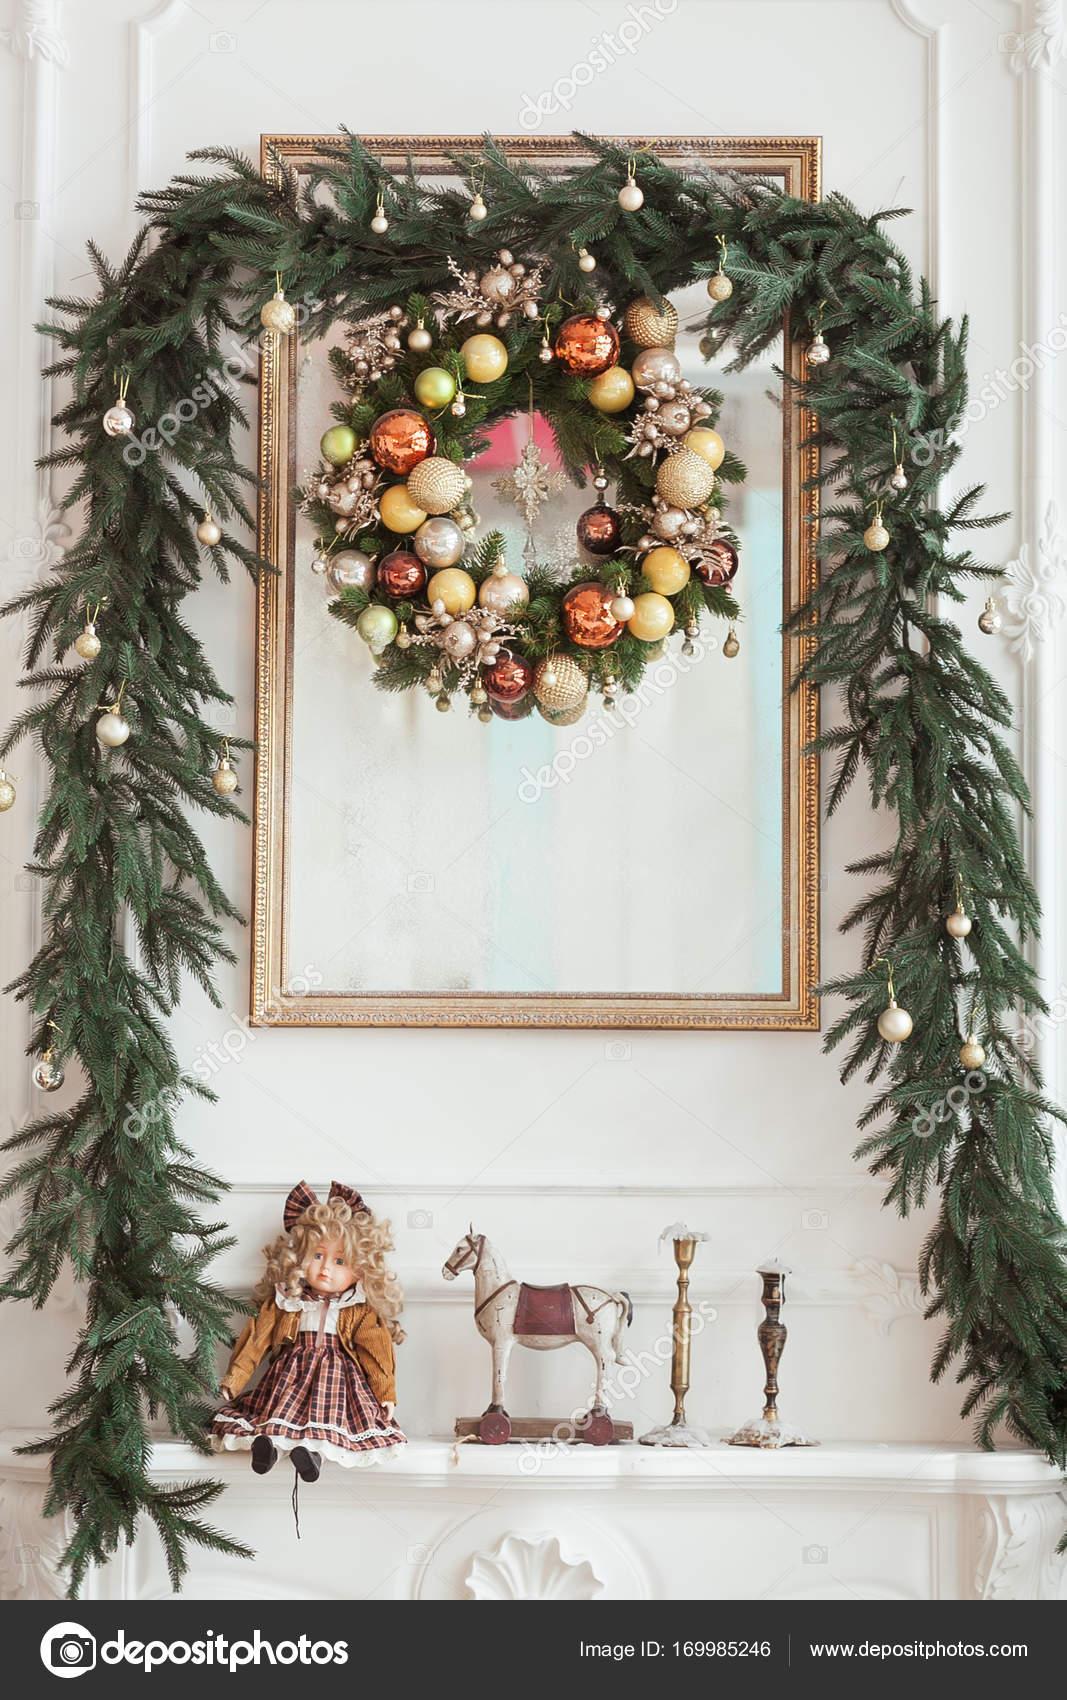 Decorazioni Natalizie Sul Camino.Decorazioni Sul Camino Di Natale A Forma Di Cornice Di Foto